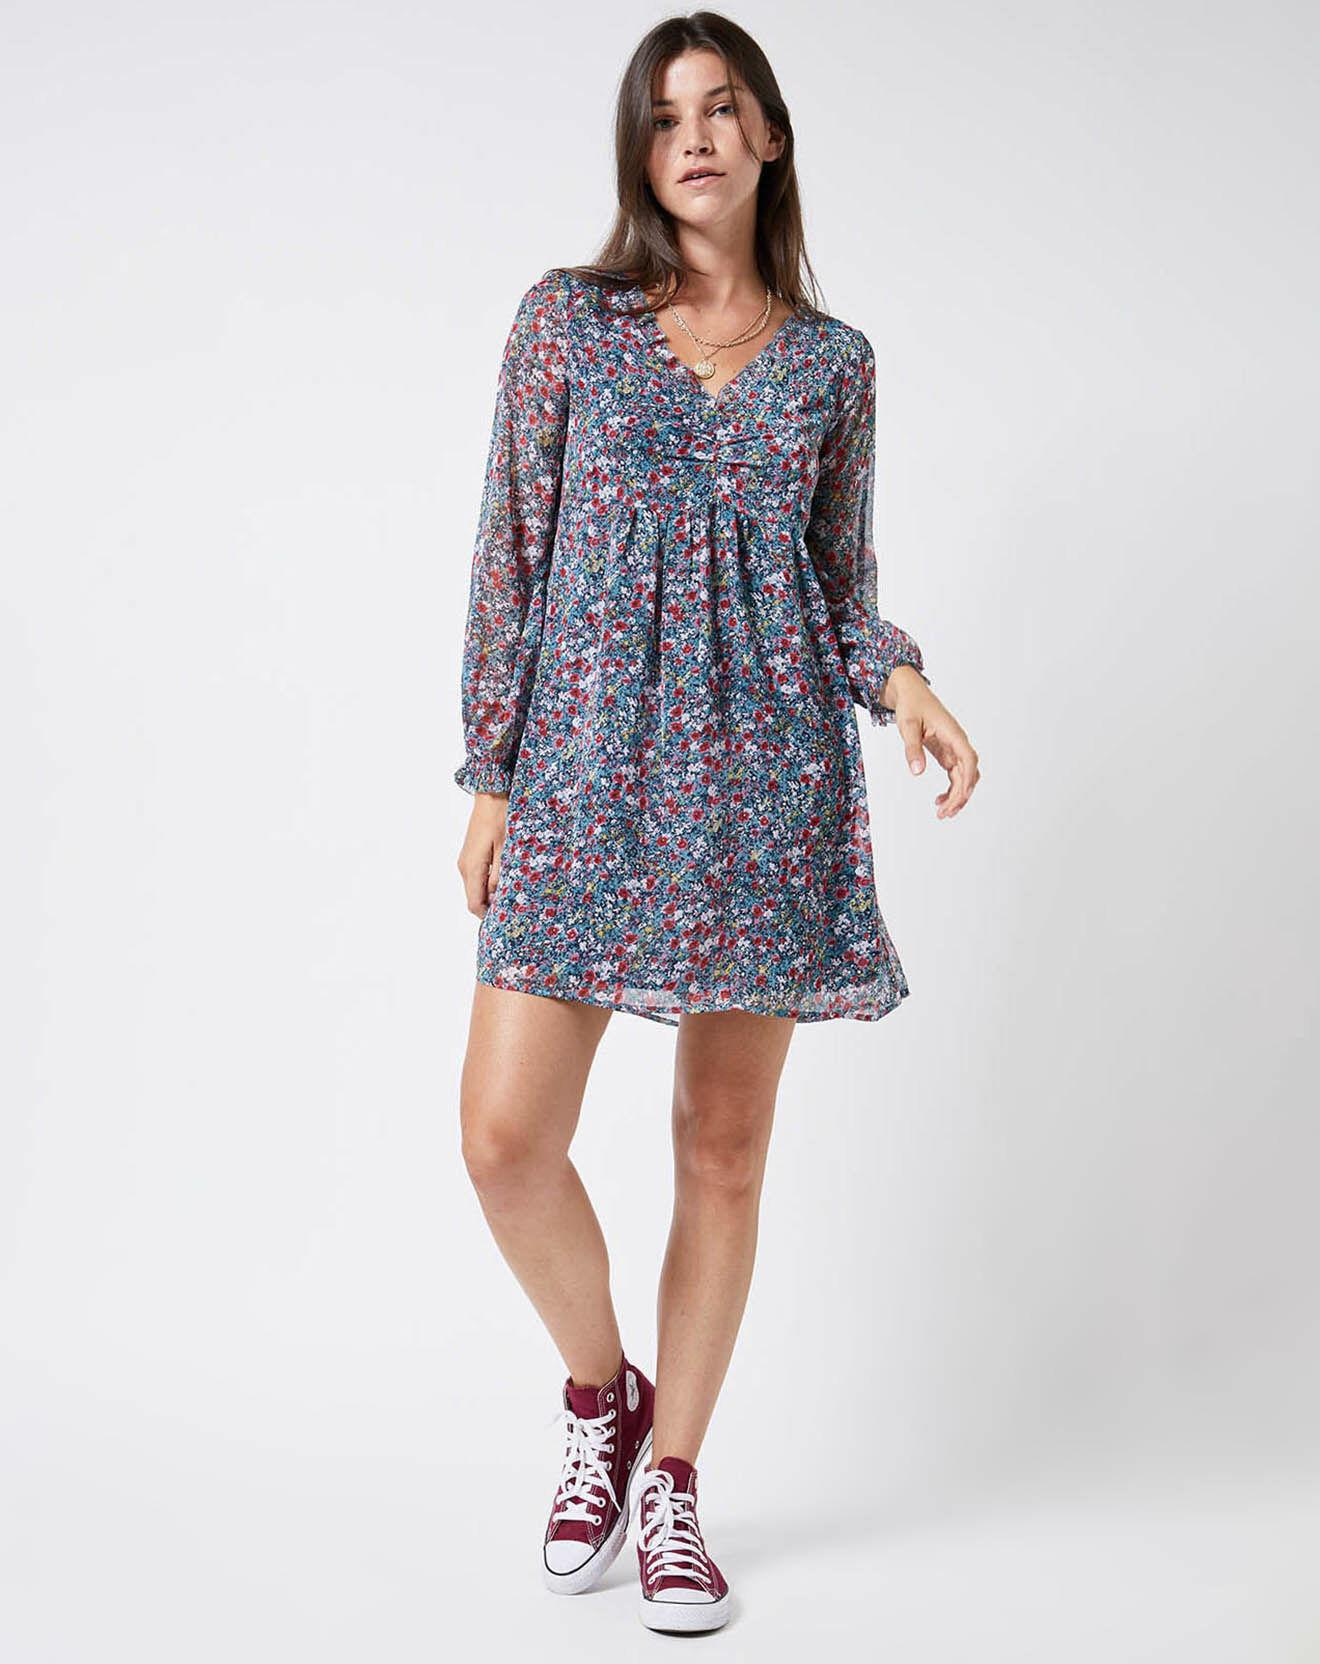 Robe Courte à Fleurs multicolore - Pepe Jeans - Modalova